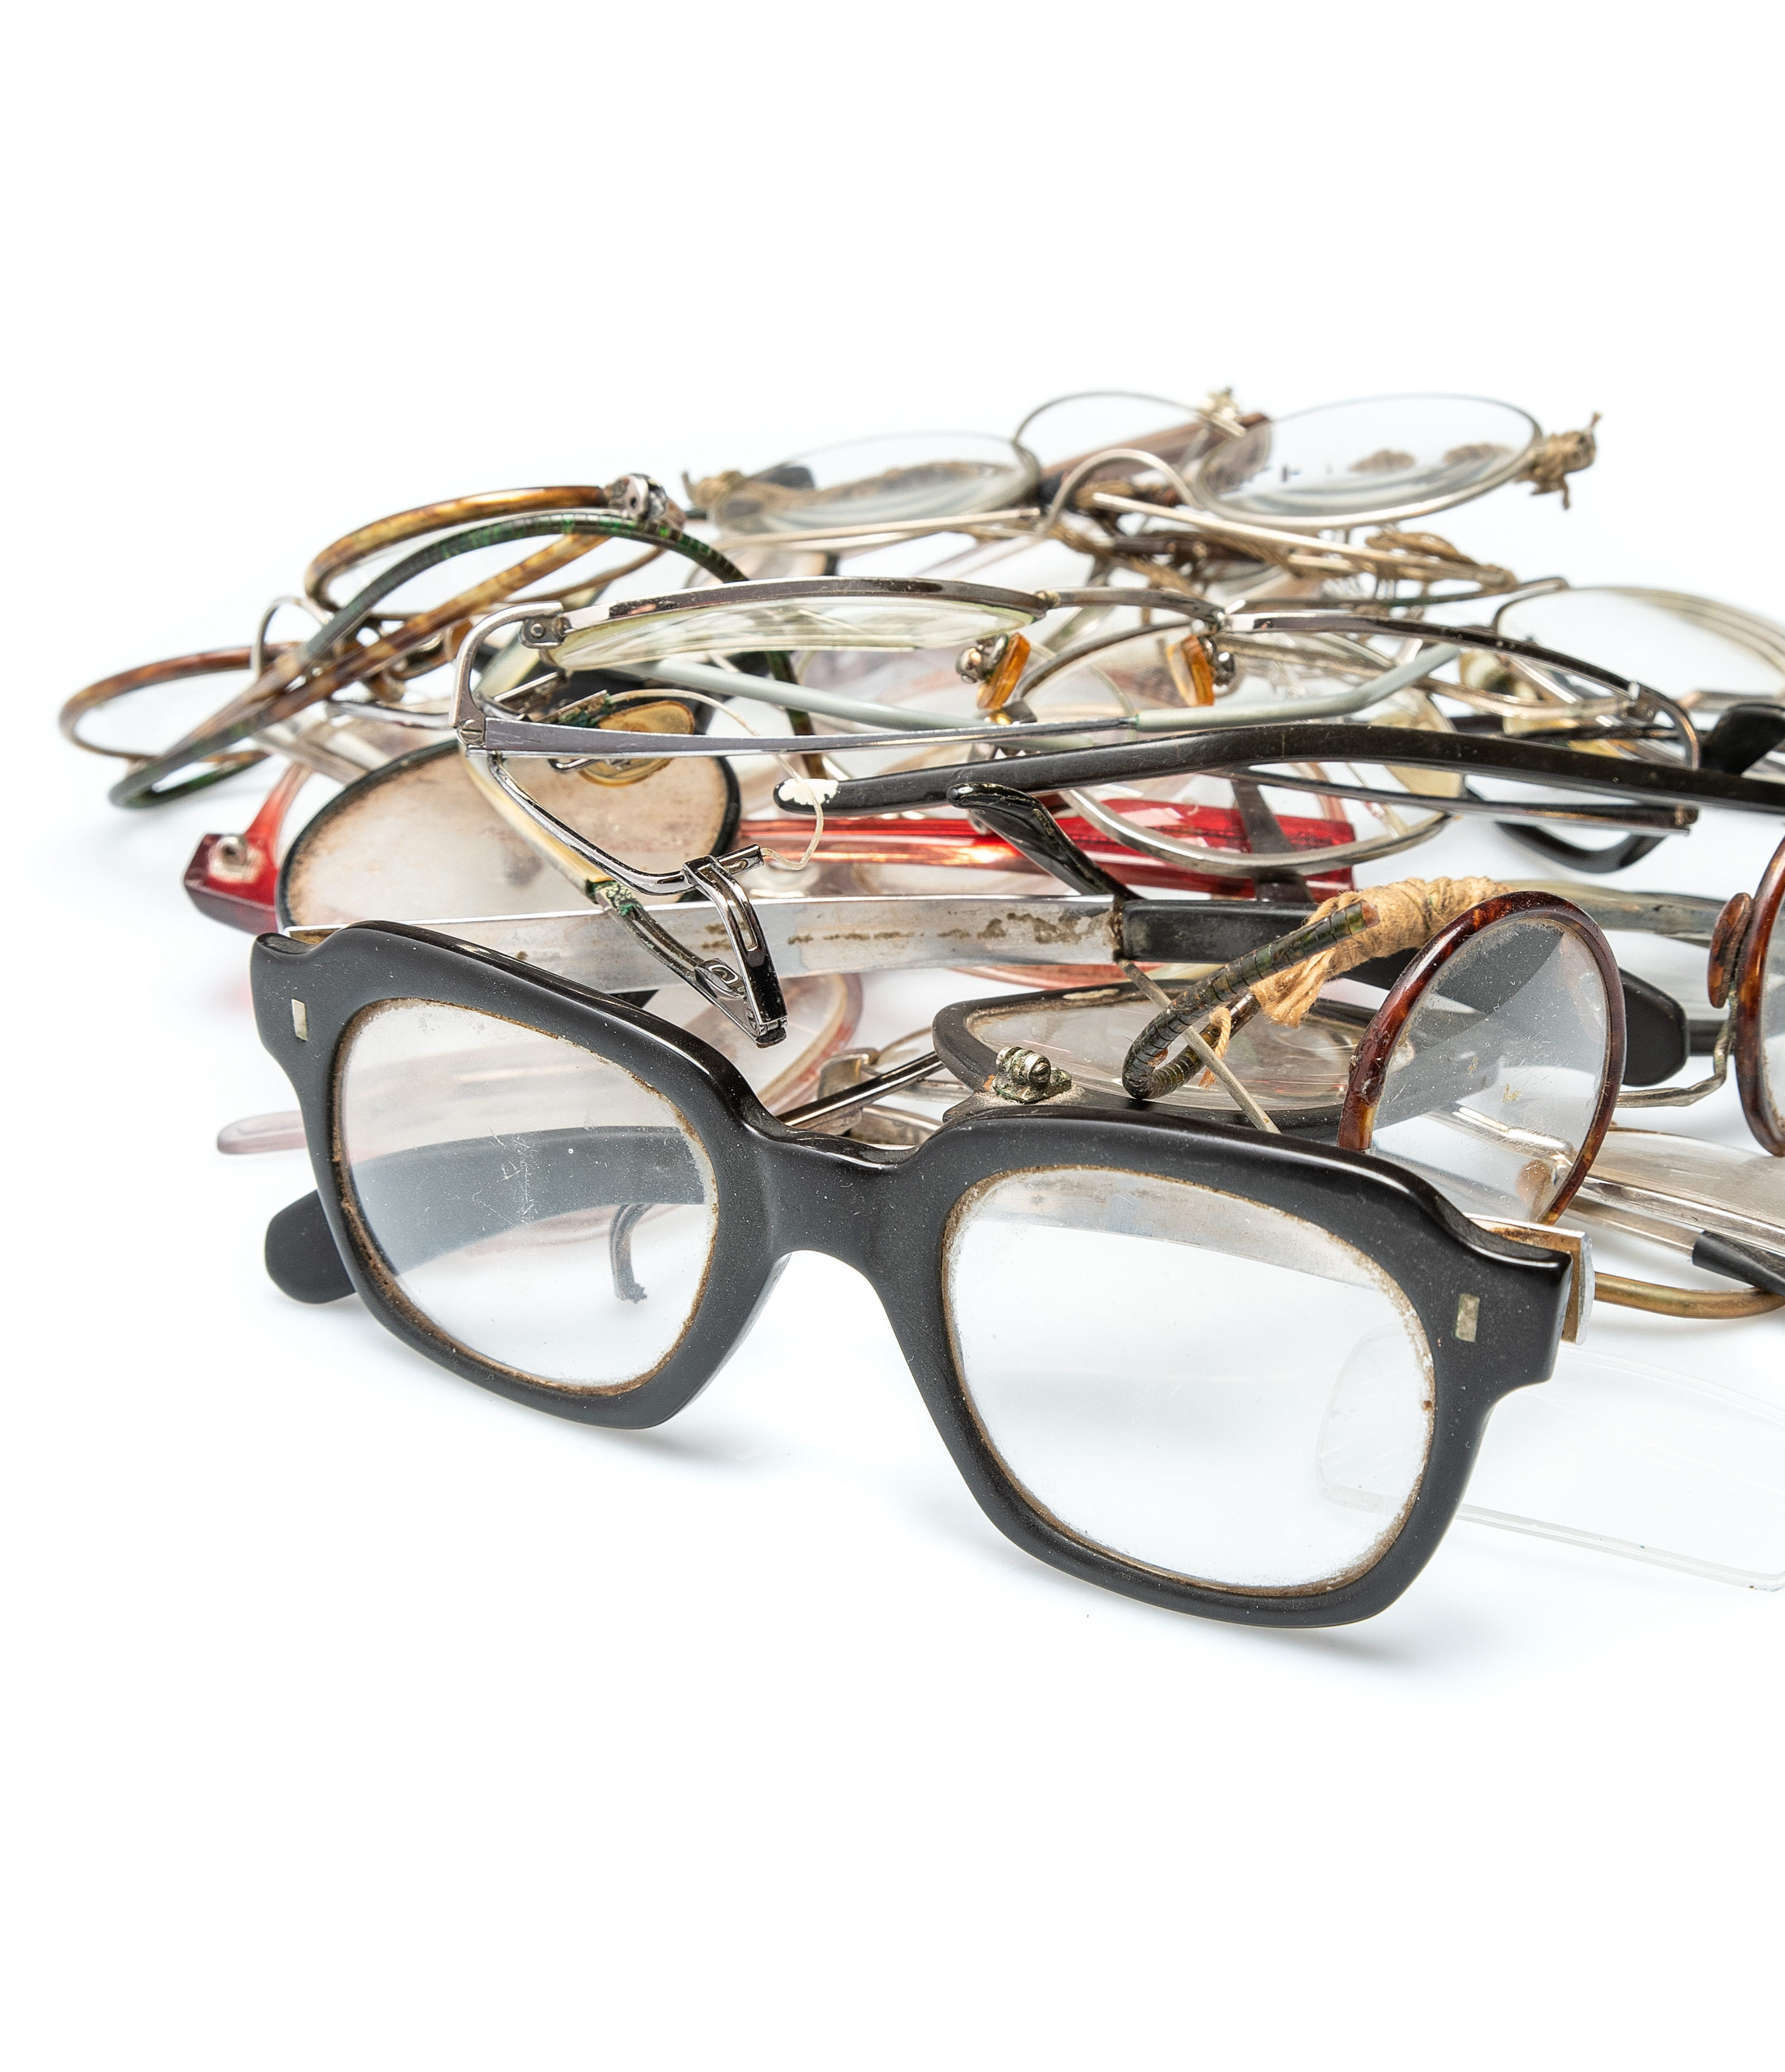 Brillen für Afrika – wir sammeln gebrauchte Brillen für Länder der Dritten Welt